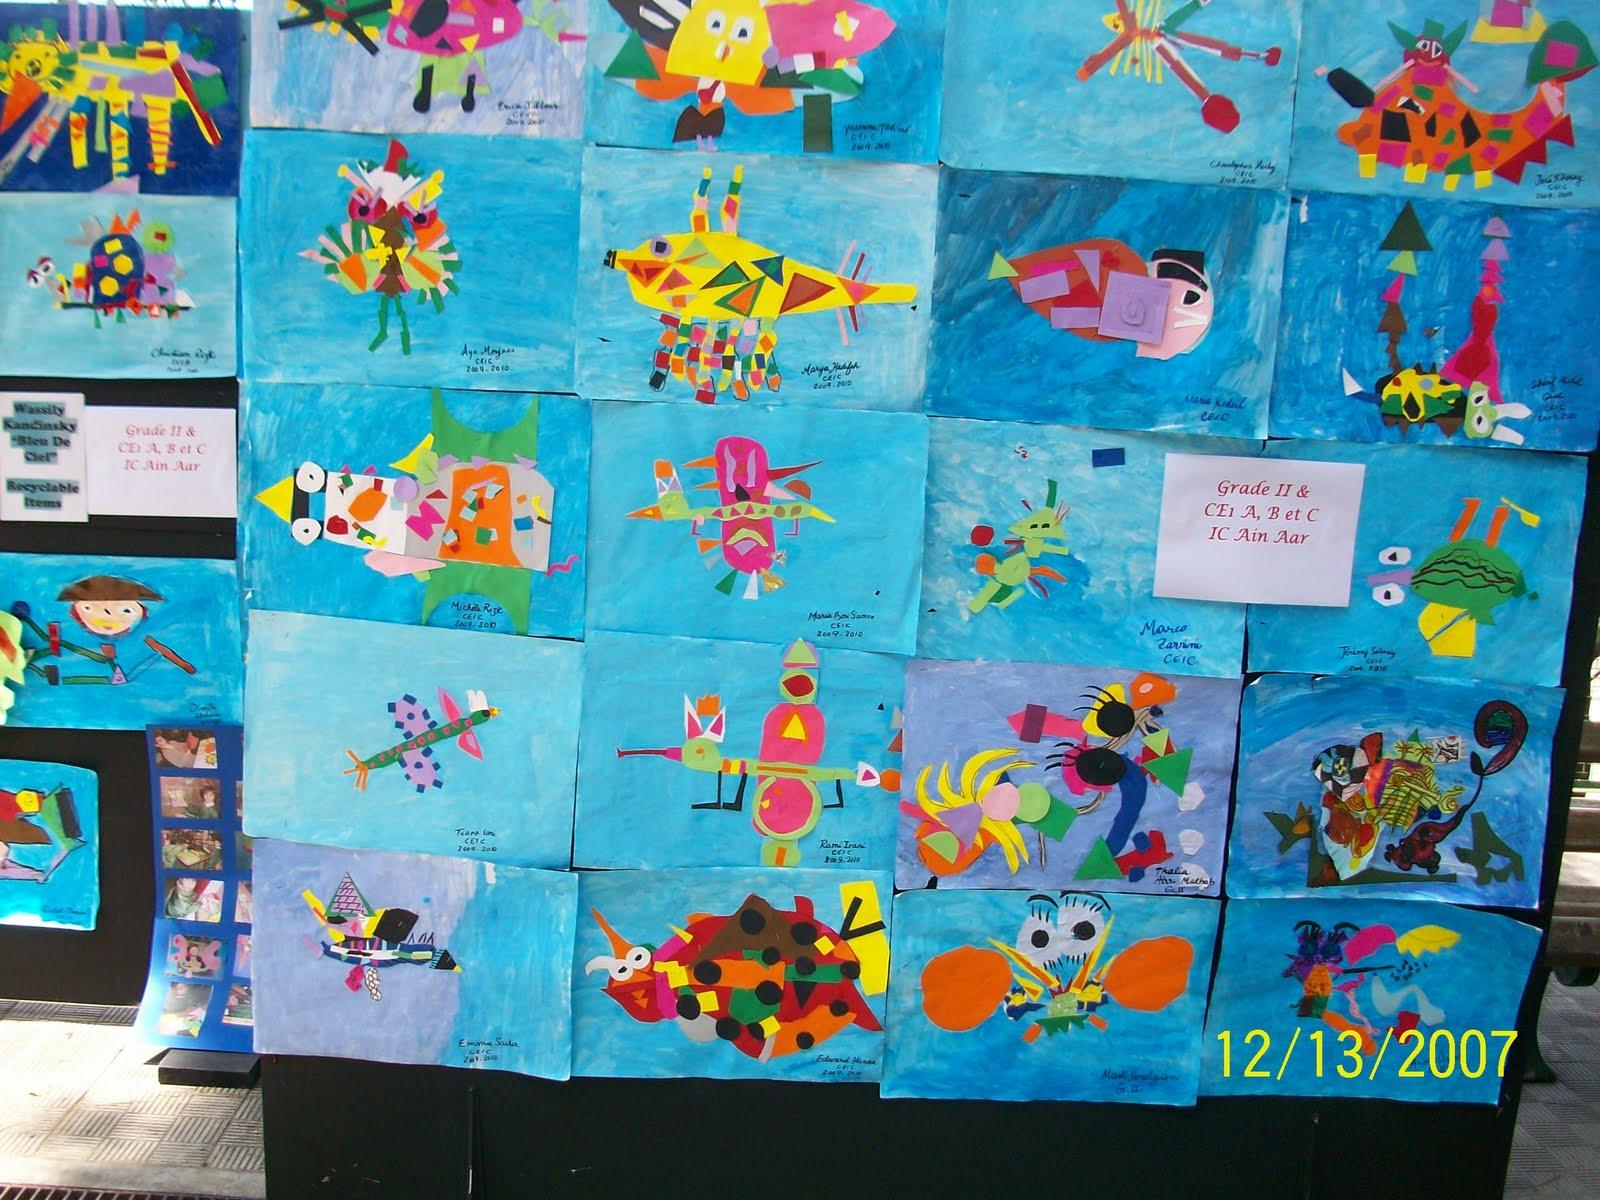 Grade II and CE1 classes at IC AA: 2009-2010 Bleu De Ciel, Wassily ...